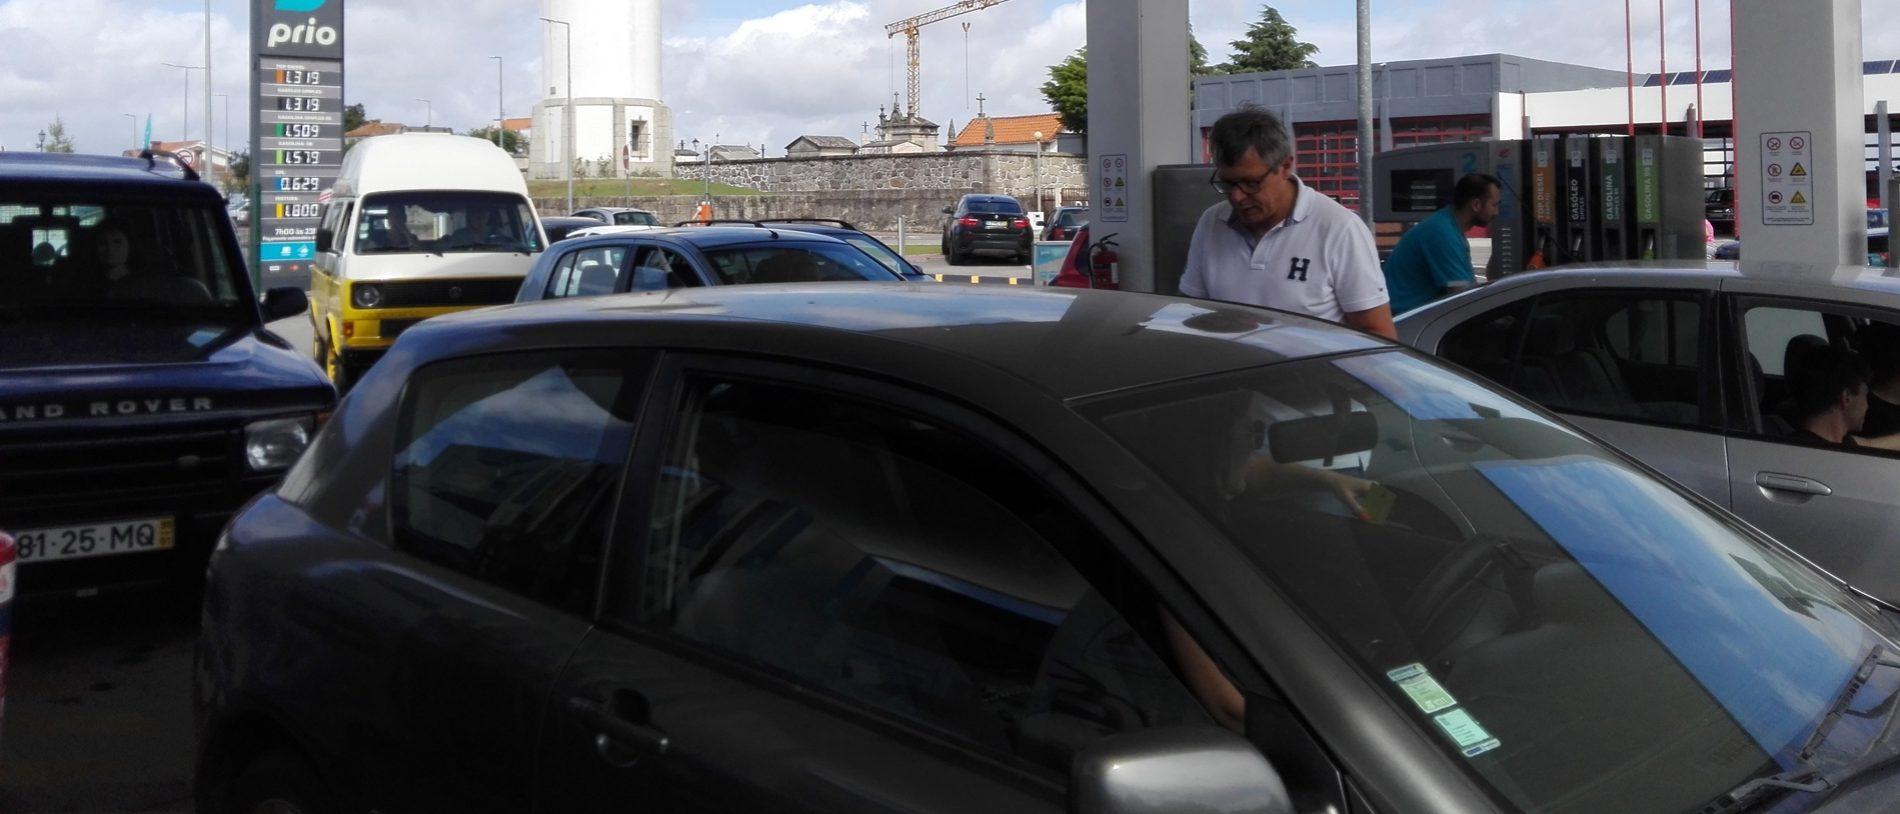 Anúncio de greve leva a corrida aos postos de combustível em Oliveira do Hospital